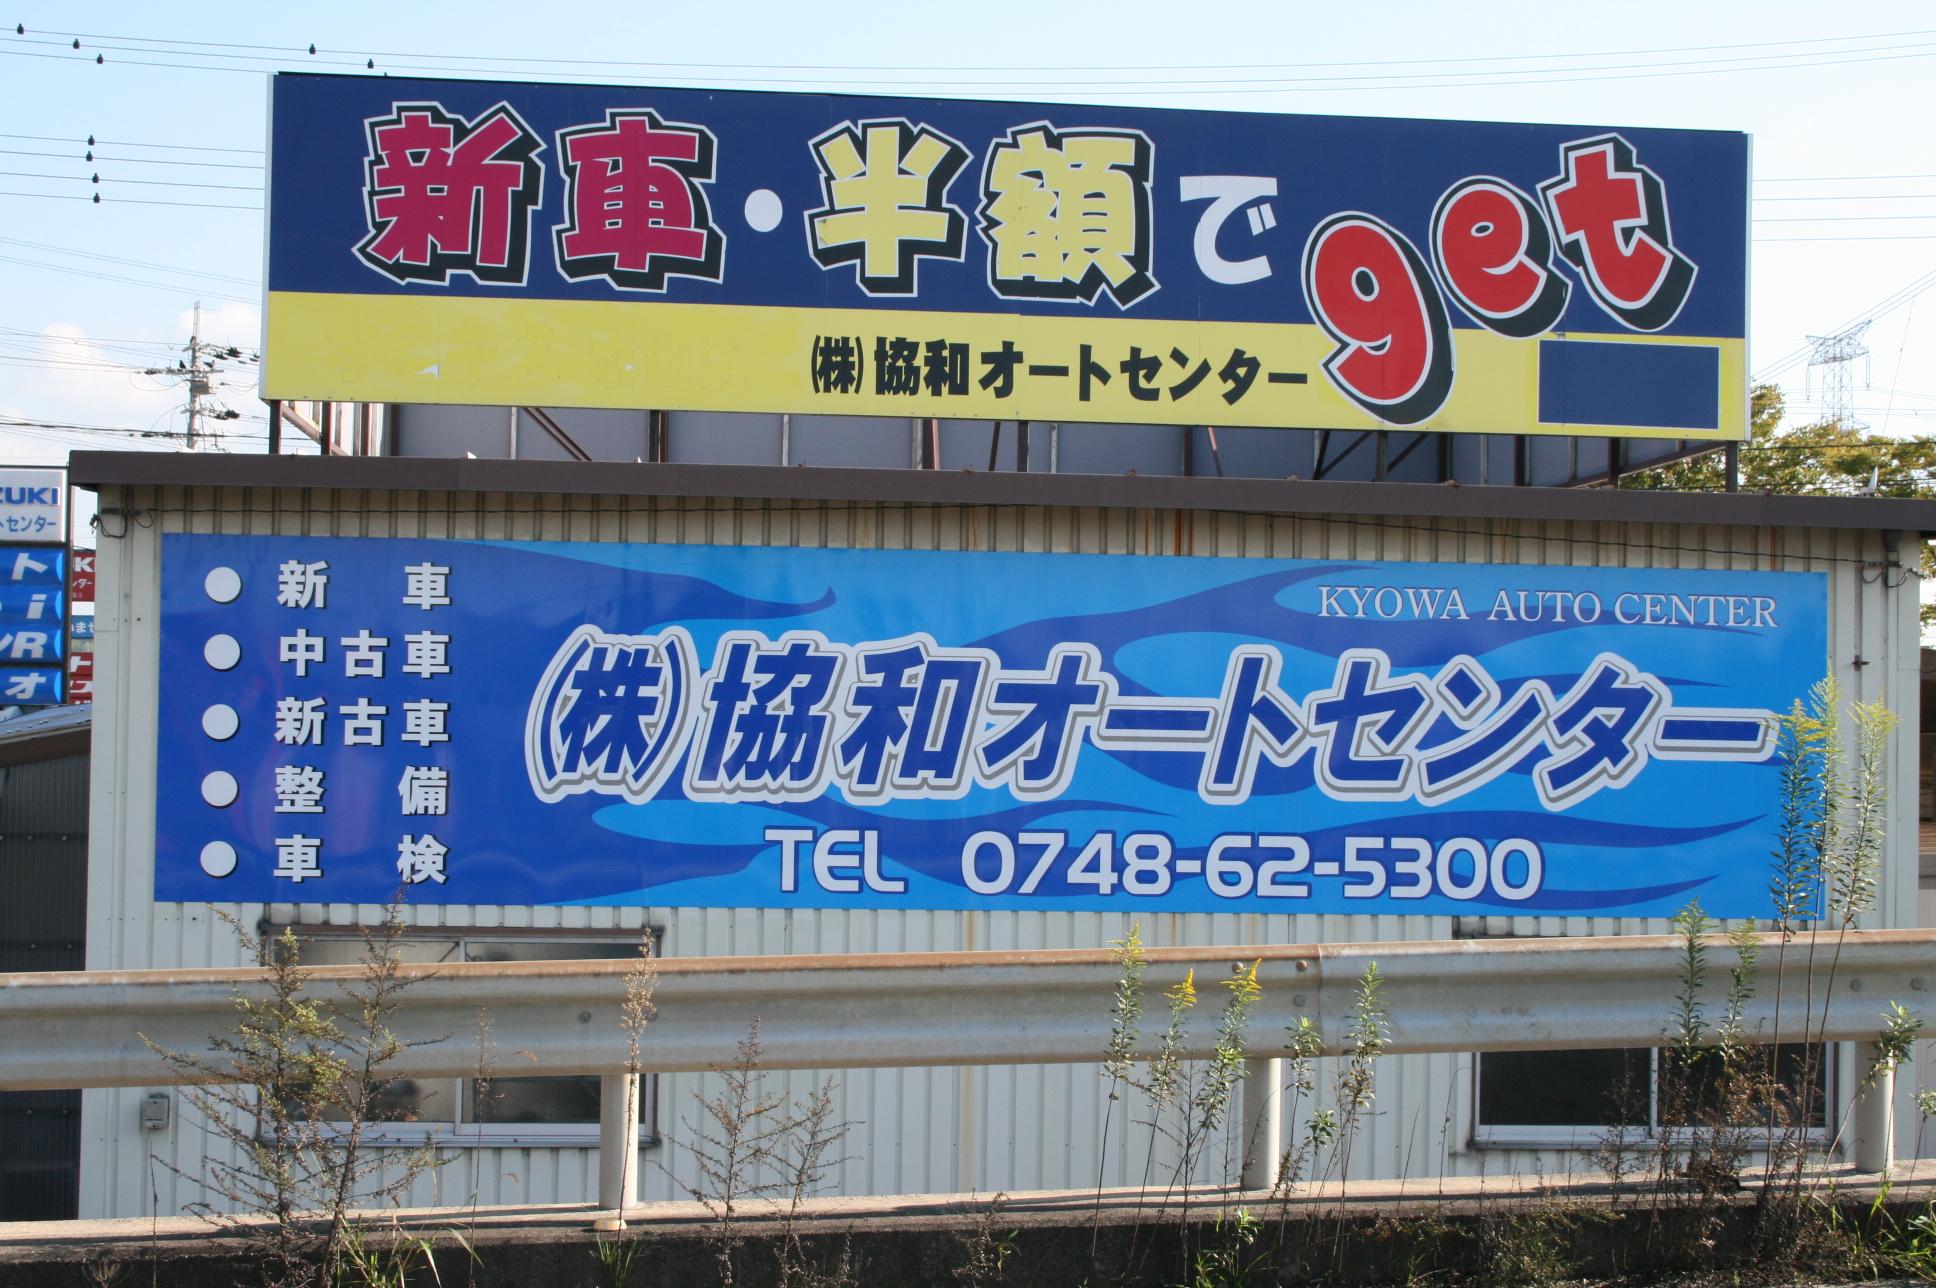 �葛ヲ和オートセンター様